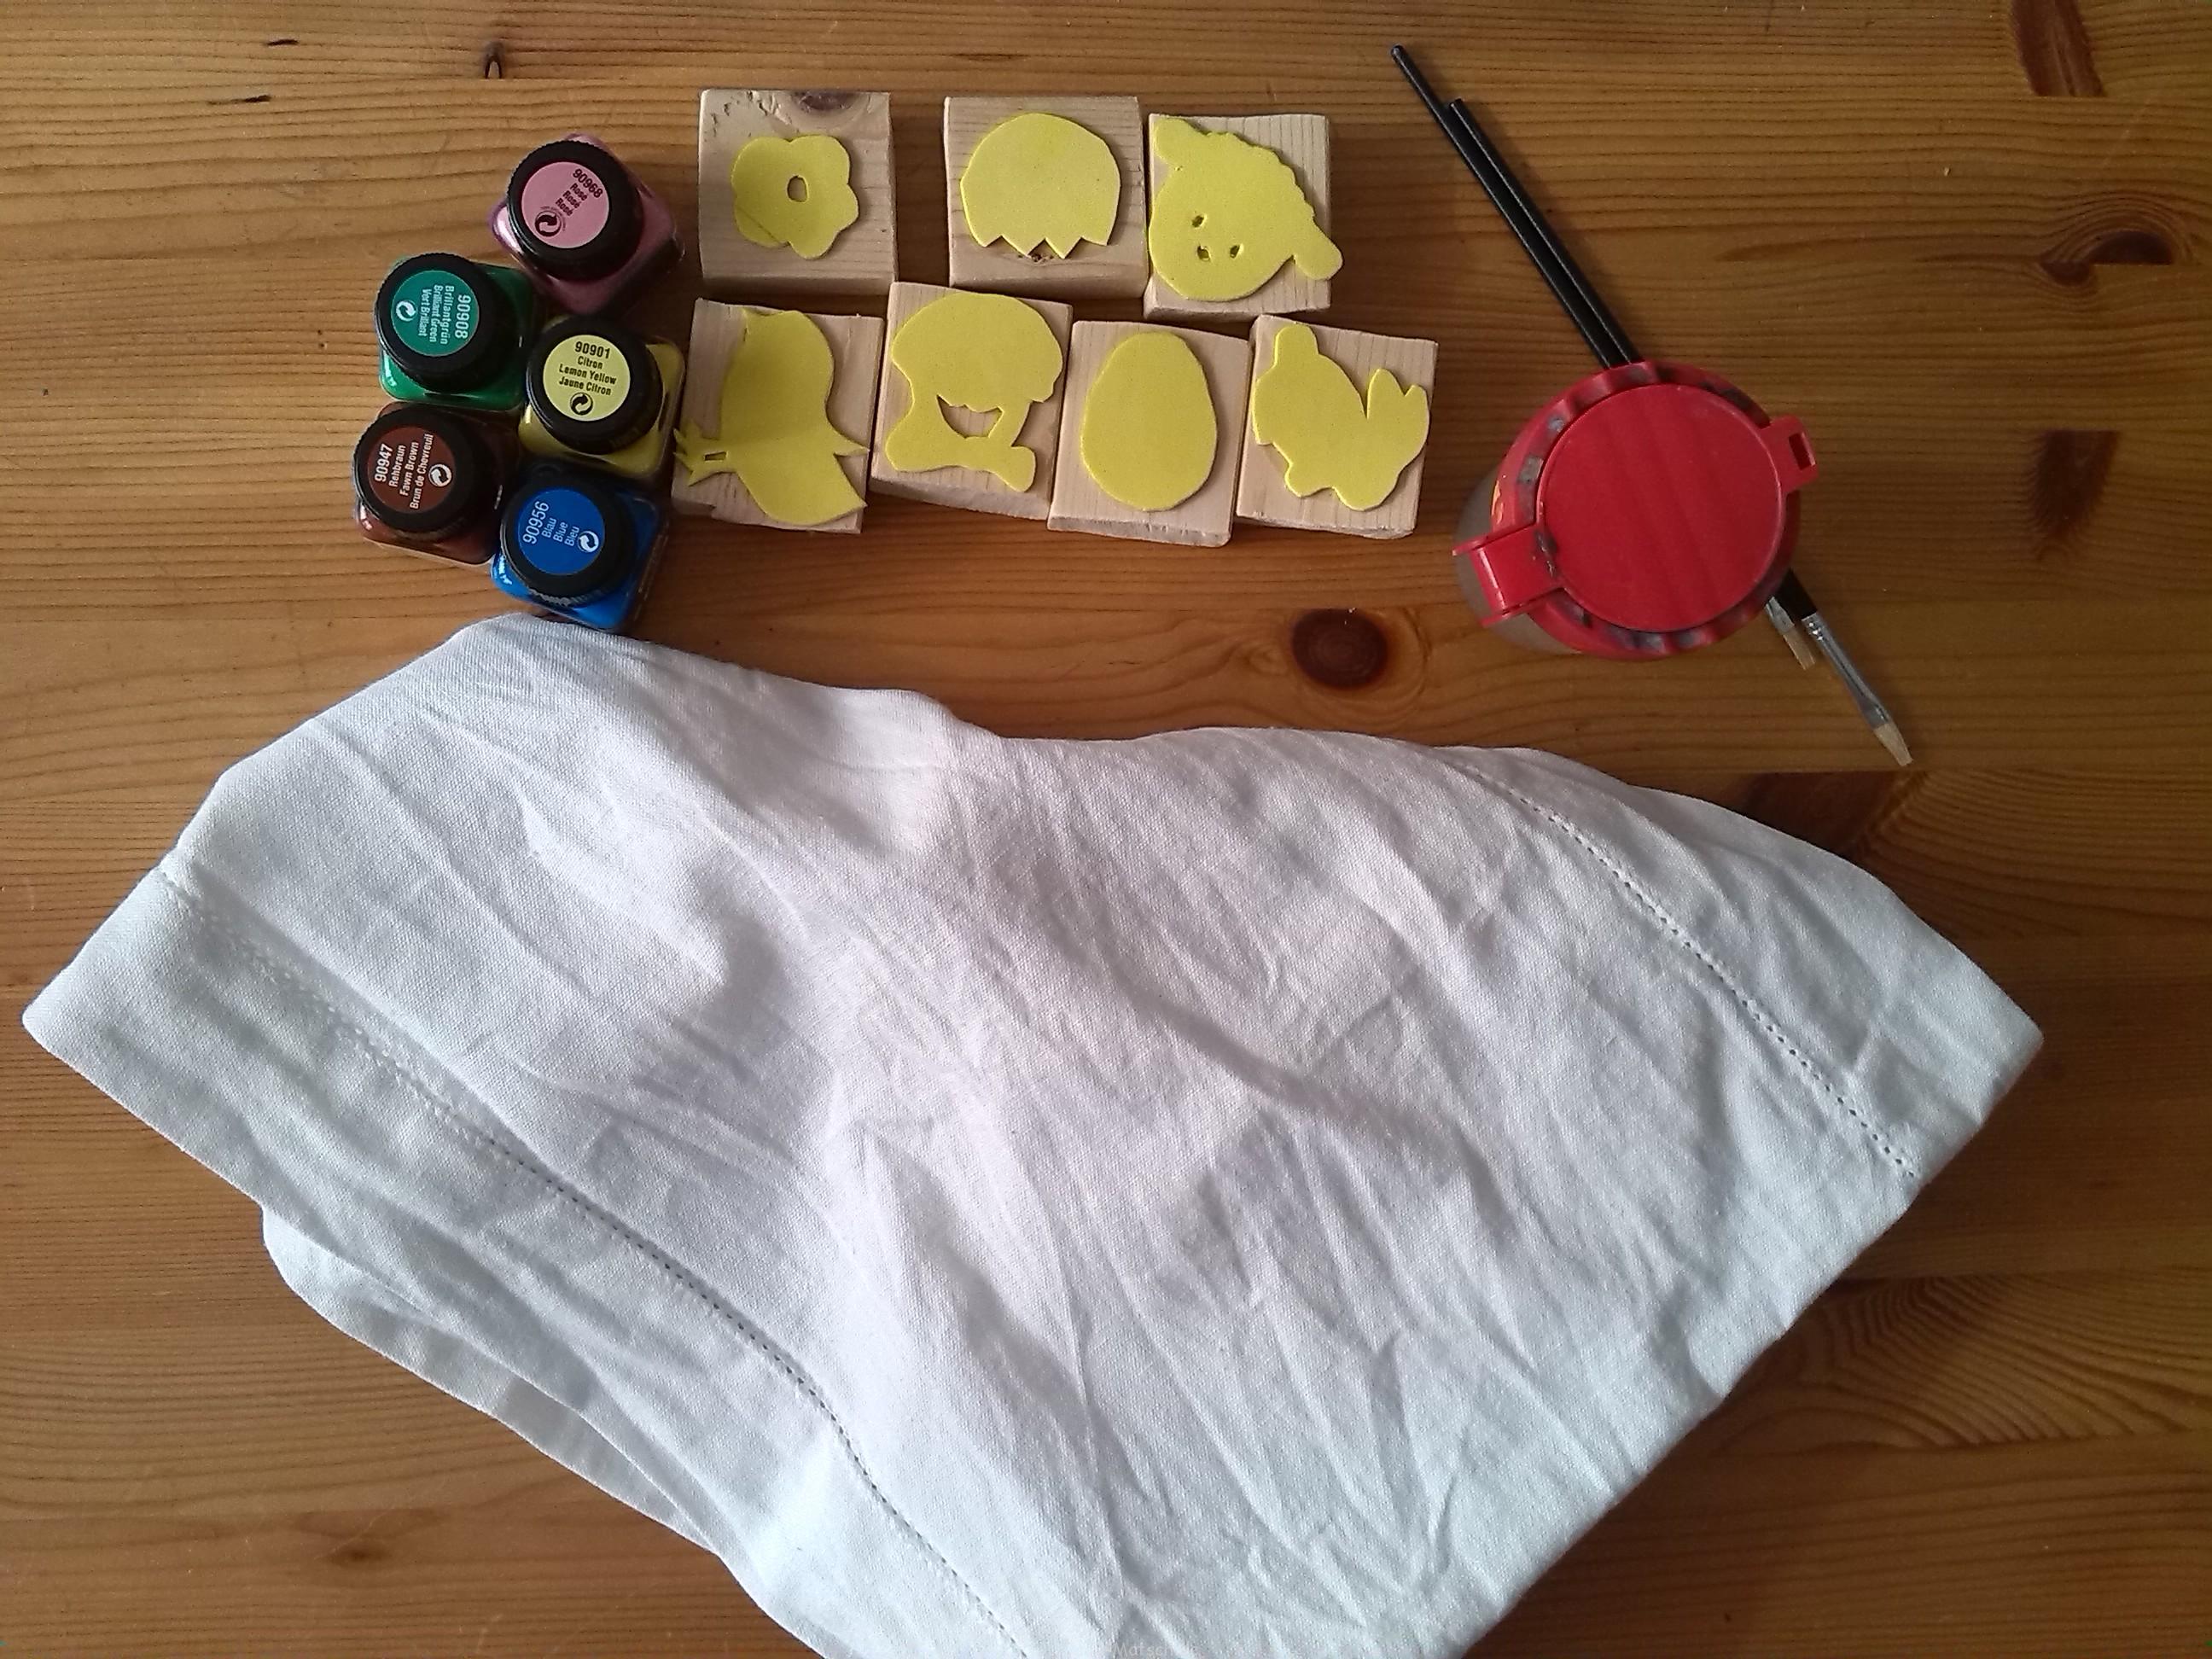 tischdecken selber naehen macht spass, tischdecke für ostern selber machen | der familienblog für kreative, Innenarchitektur